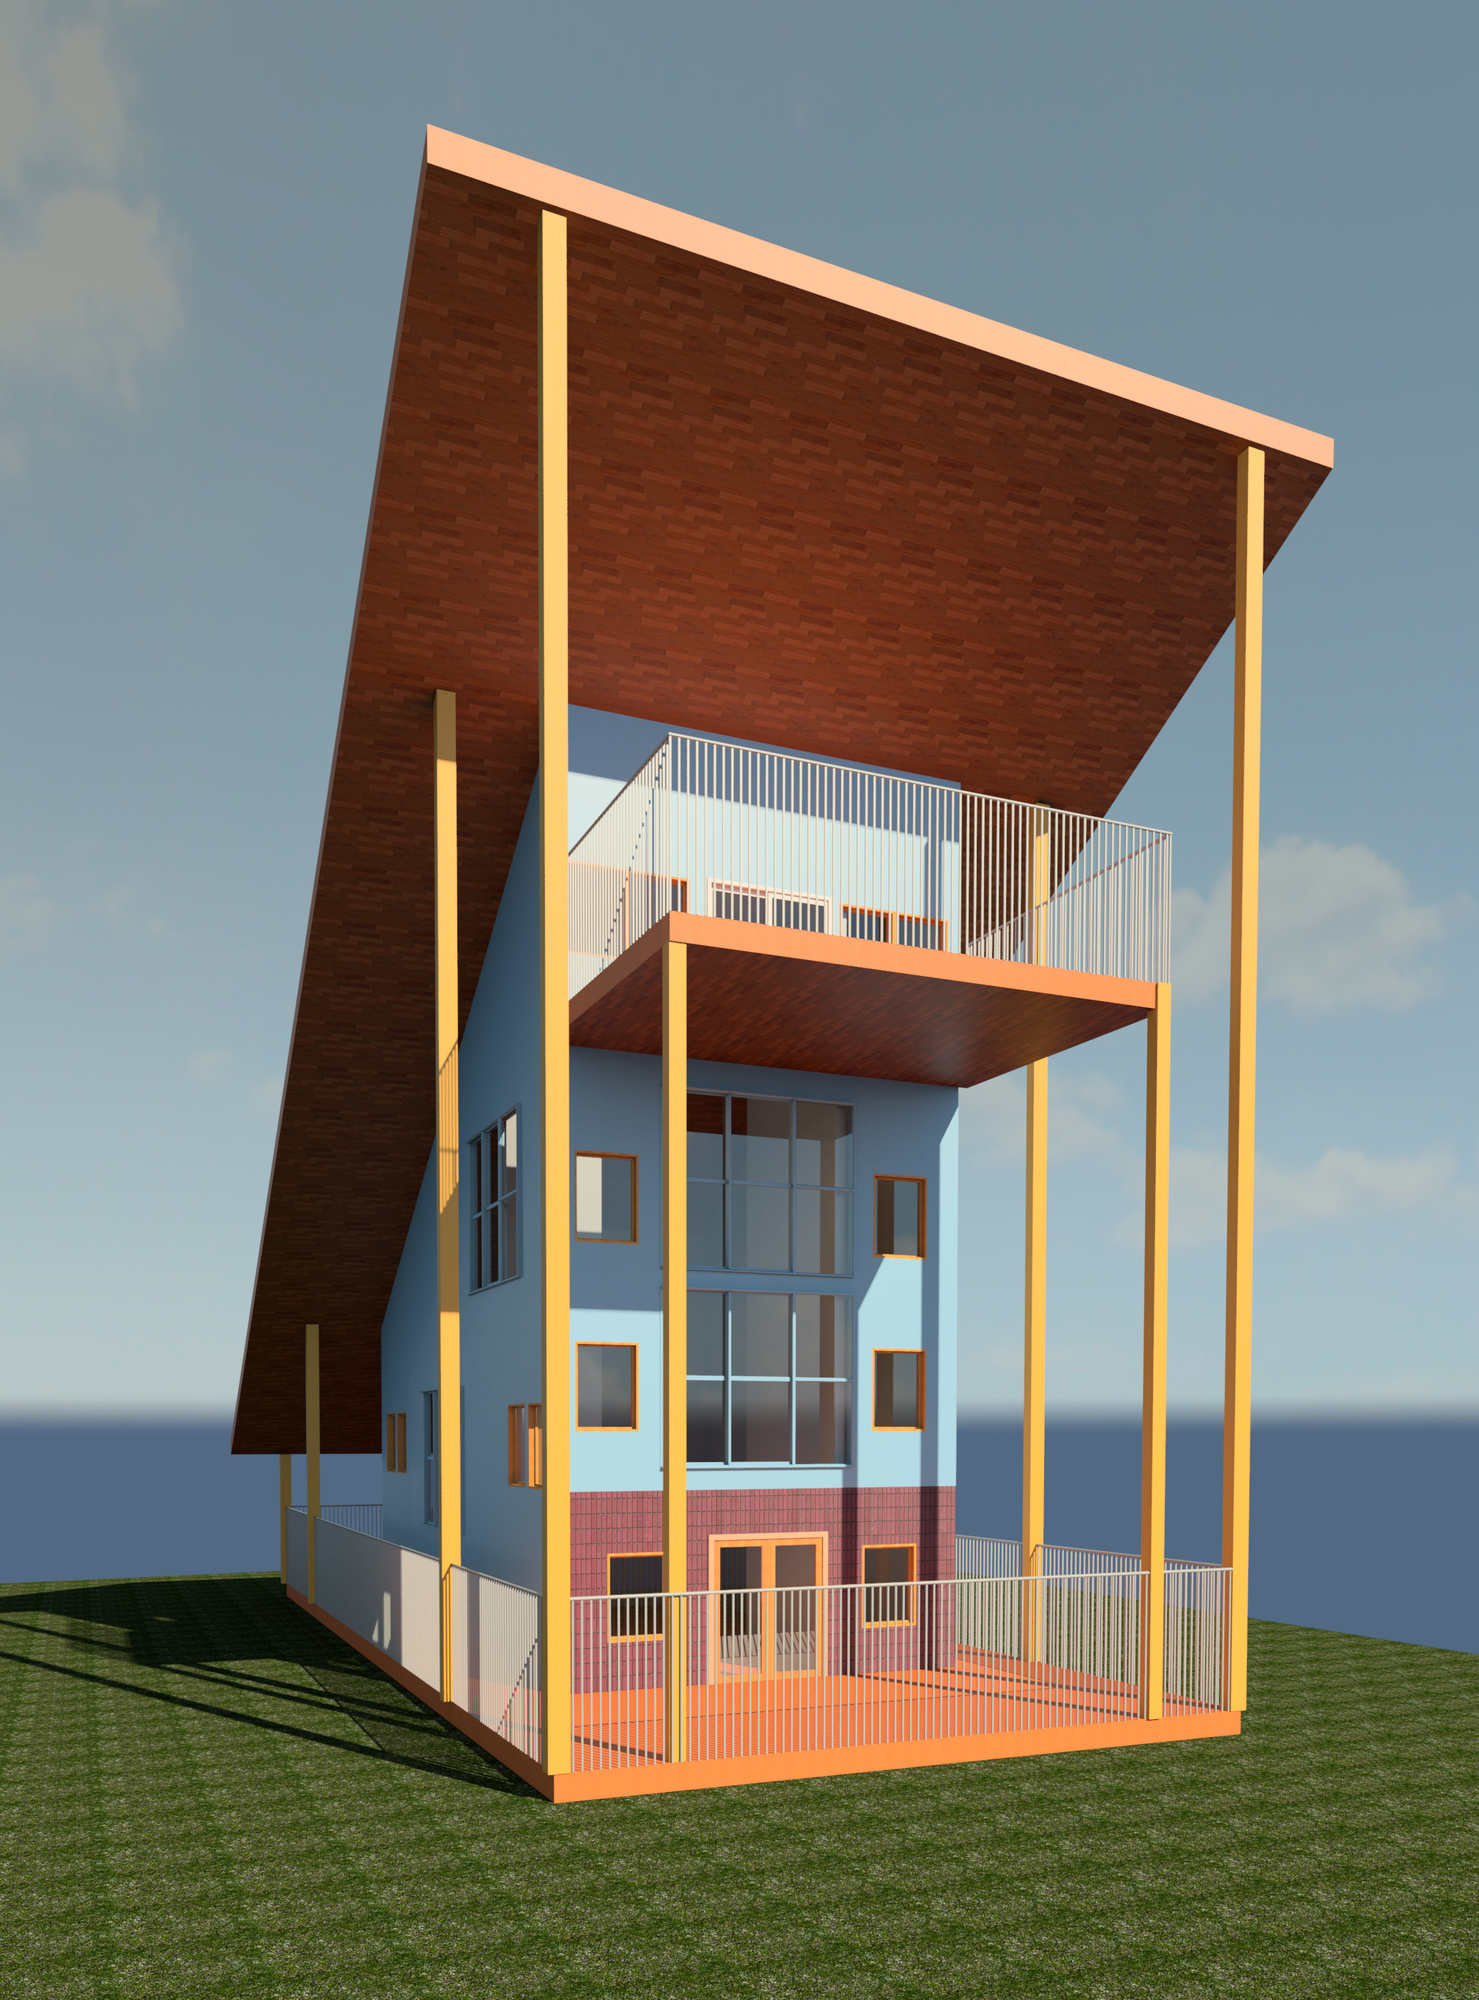 Raas-rendering20150106-10439-aldjnn